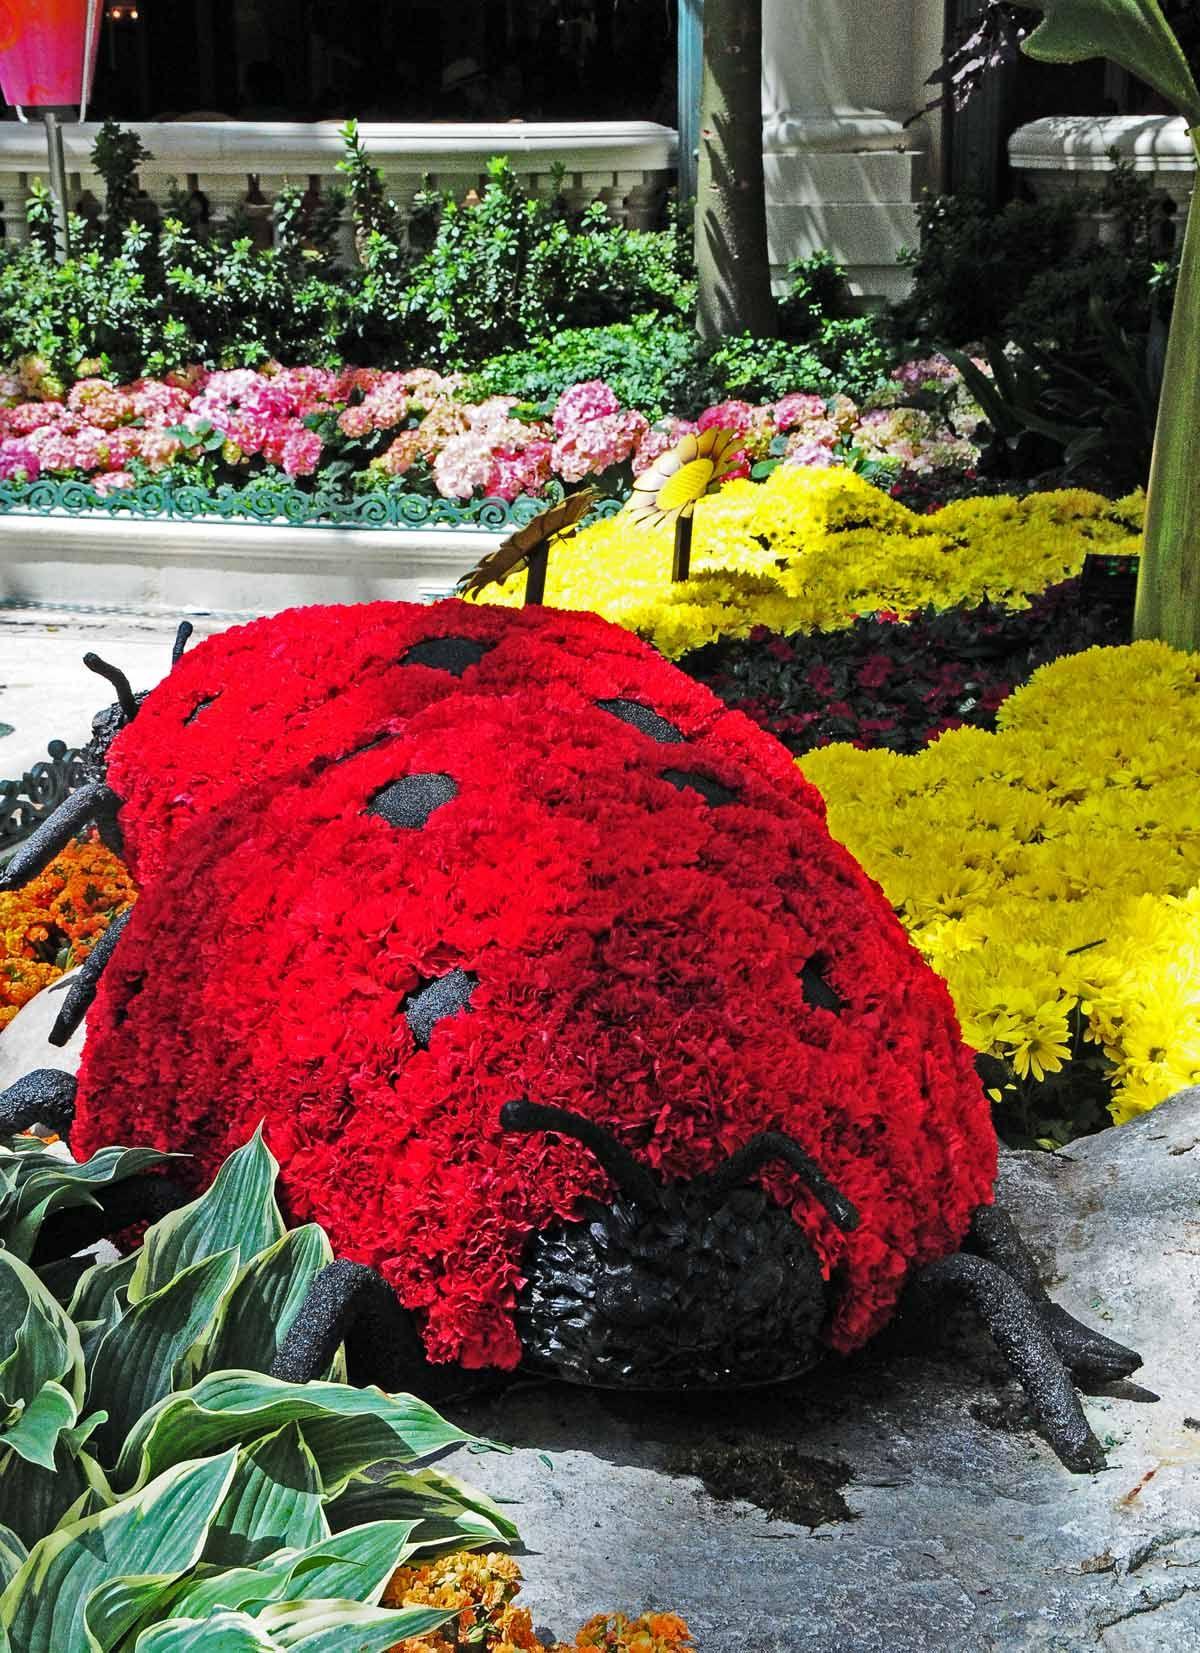 e696b3af1106c883c201fd1176ef58ab - Carmine's Florist Palm Beach Gardens